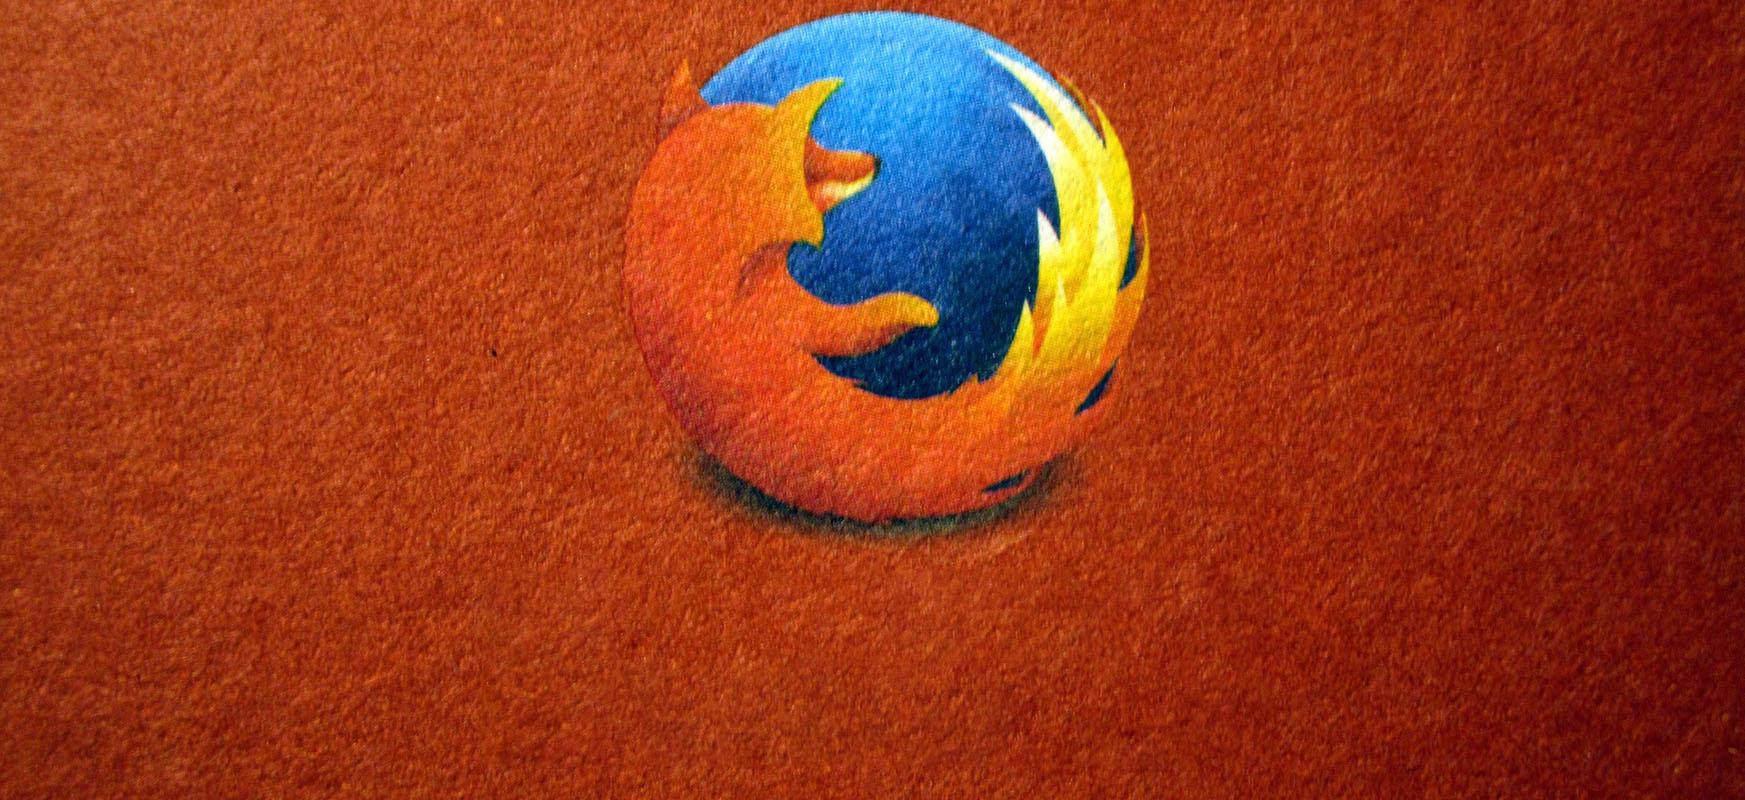 Firefox txarra egiten ari da.  Microsoft Edge aurretik zegoen ere